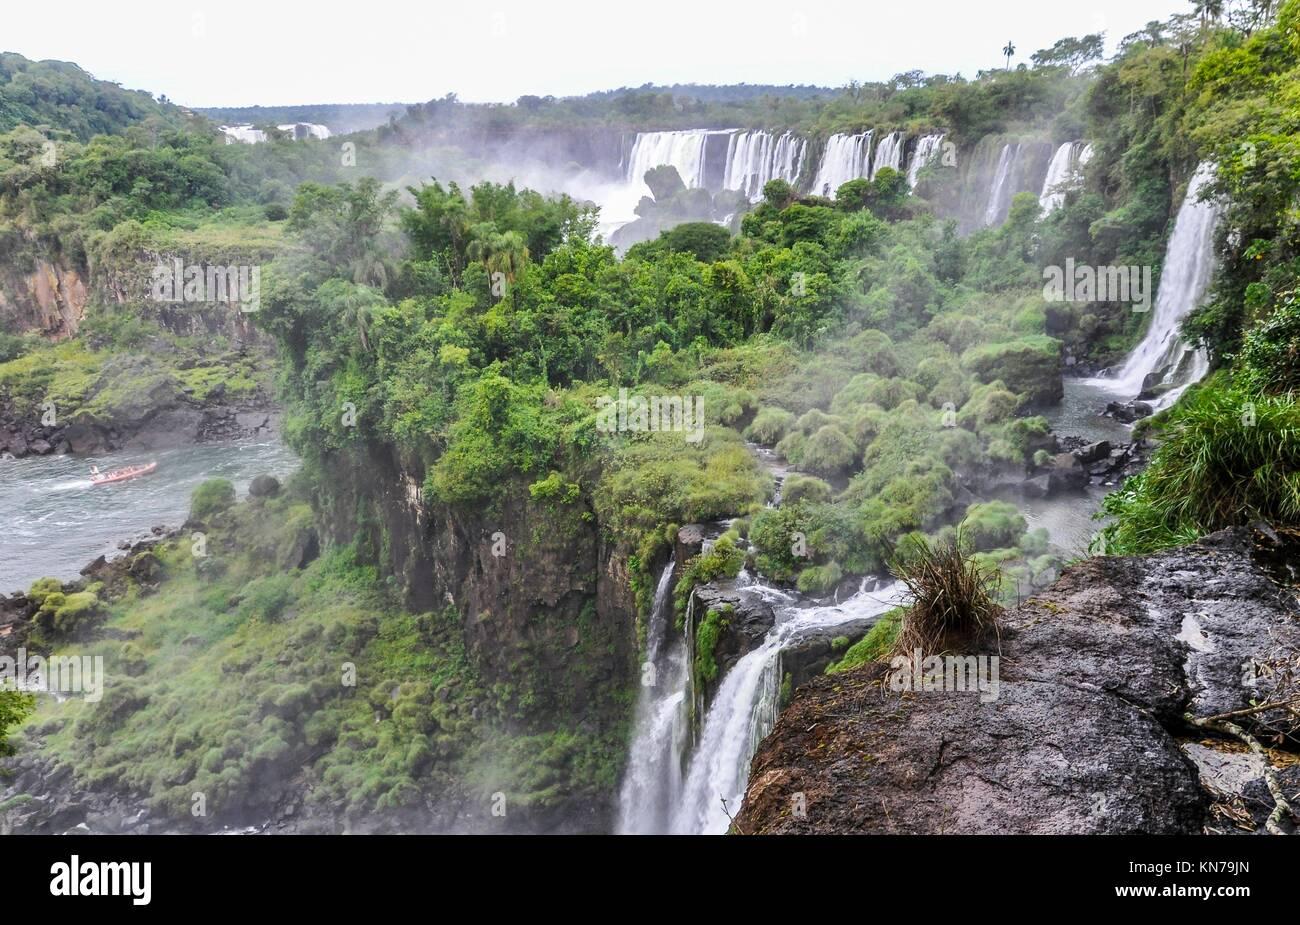 Circuito superior de las Cataratas de Iguazú, una de las nuevas Siete Maravillas de la Naturaleza, de la Argentina. Foto de stock